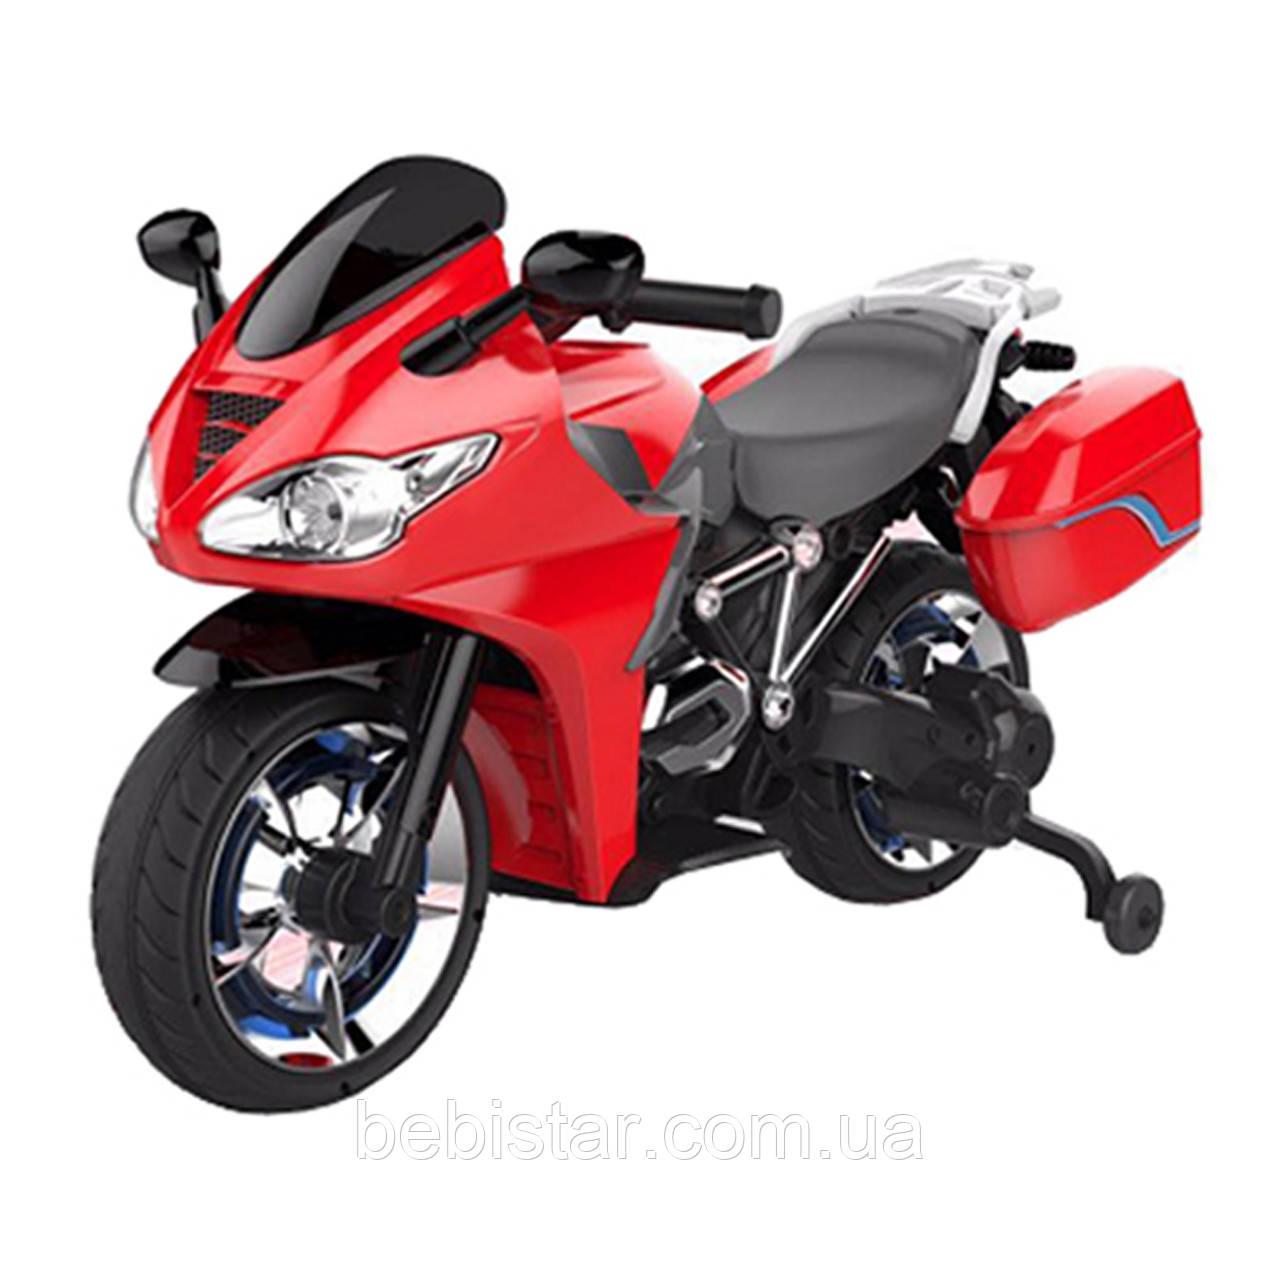 Мотоцикл аккумуляторный детский красный от 3-х до 8-ми два мотора светятся фары и колеса размер 110х56х70см